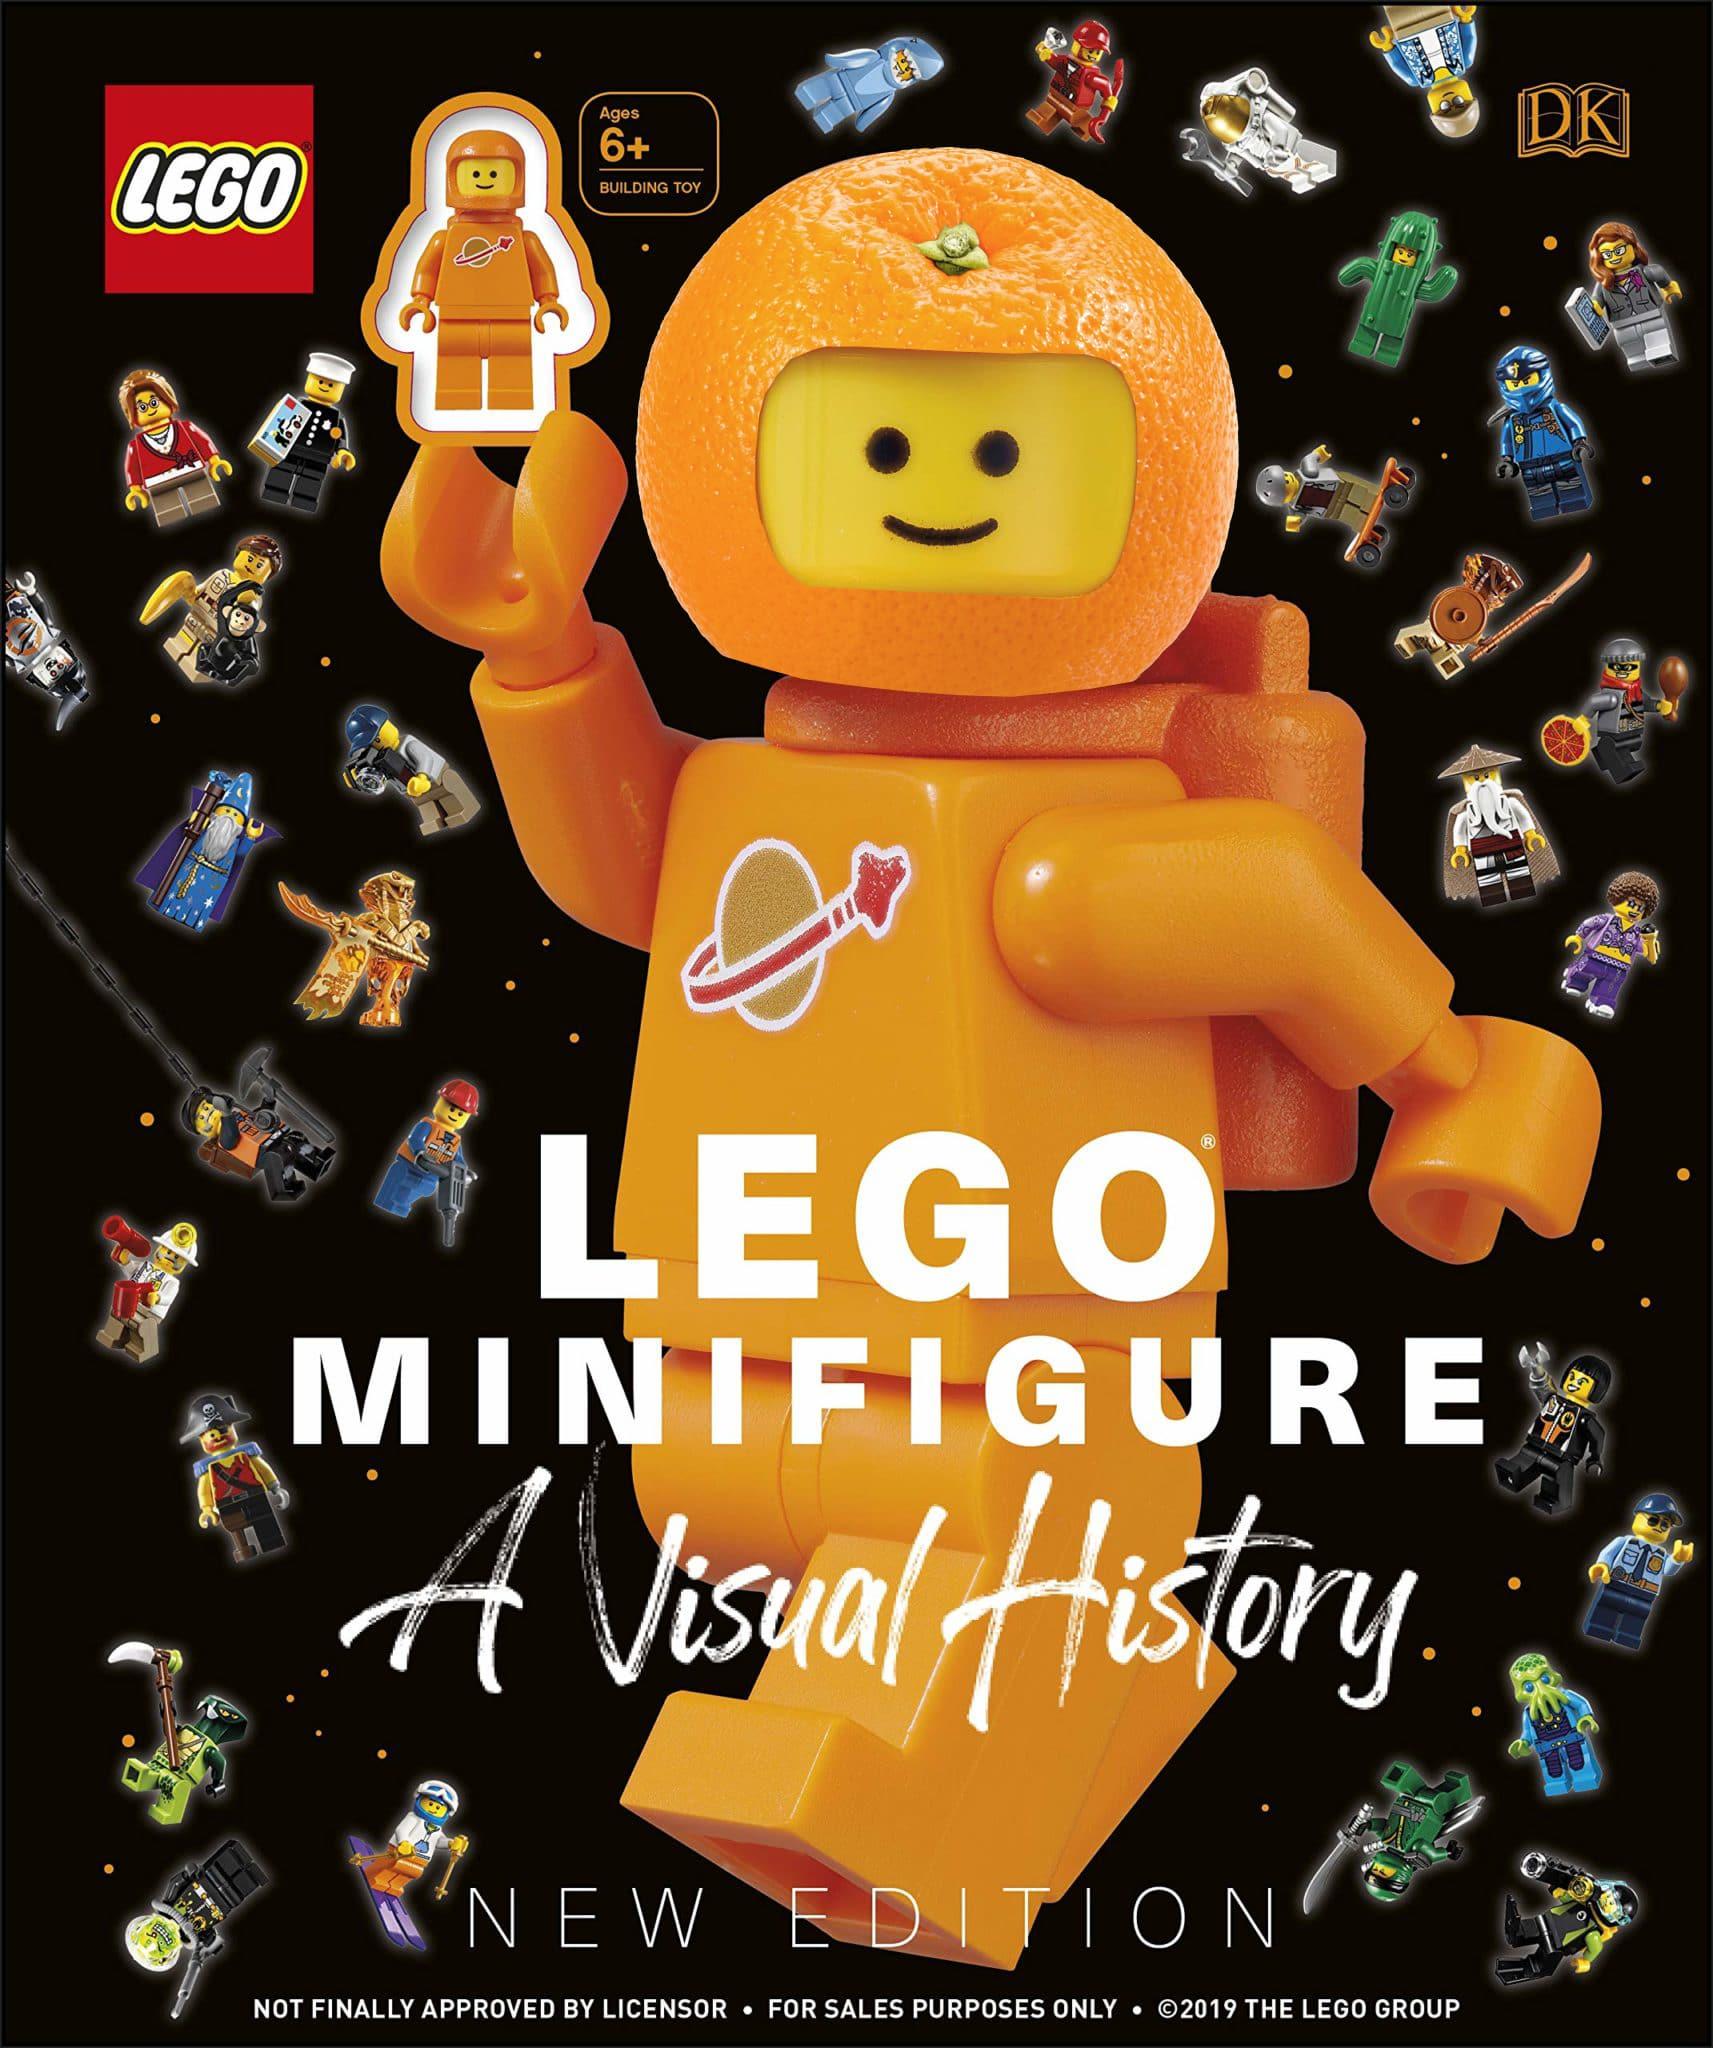 LEGO Classic Space Orange